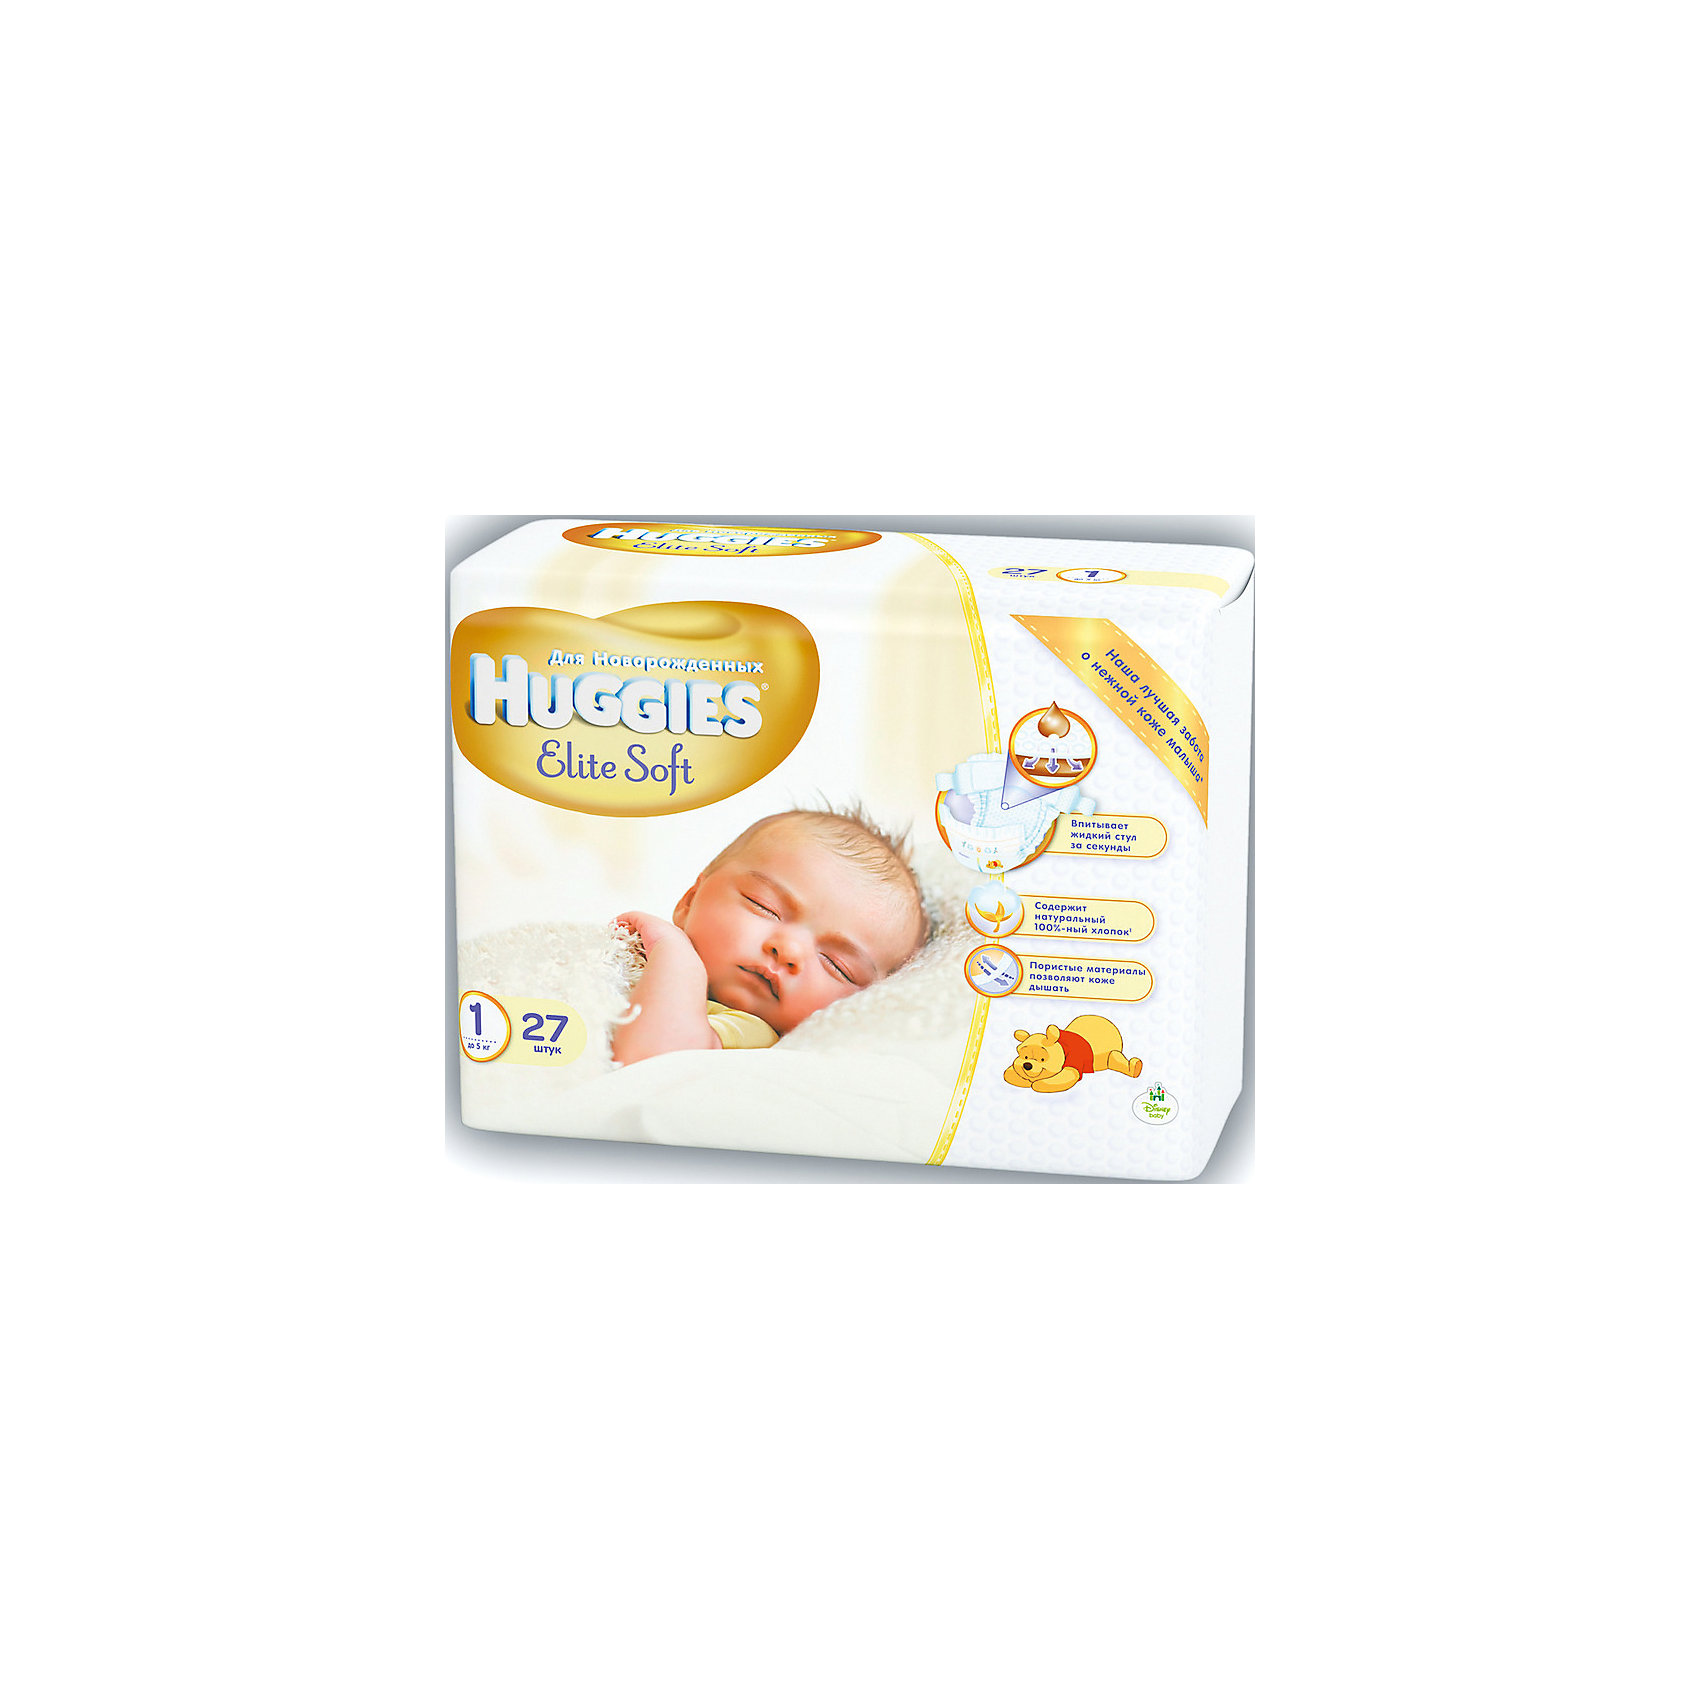 Подгузники Elite Soft 1, до 5 кг, 27 шт., HuggiesПодгузники 0-5 кг<br>Новаторская разработка Huggies –  это супер-мягкий слой подгузников Текстор с  подушечками, который обеспечивают невероятную мягкость и создают специальную нежную преграду между кожей ребенка и жидким стулом. <br><br>Свойства:<br>- Мягкий суперэластичный пояс для лучшего прилегания.<br>- Застежки легко застегиваются и расстегиваются в любом месте подгузника.<br>- Содержит натуральный 100%-ный хлопок.<br>- Пористые материалы позволяют коже дышать.<br>-  Внутренний кармашек помогает предотвратить протекание.<br>- Новый супер мягкий слой SoftAbsorb впитывает жидкий стул и влагу за секунды, помогая сохранить кожу сухой.<br>- Новые мягкие подушечки создают нежную преграду  между кожей малыша и жидким стулом.<br>- Индикатор влаги меняет цвет, когда подгузник намокает.<br><br>Дополнительная информация:<br><br>- Возраст: с рождения.<br>- Вес ребенка: до 5 кг.<br>- Кол-во в упаковке: 27 шт.<br>- Вес в упаковке: 587 г.<br><br>Купить подгузники  Elite Soft 1 от Huggies можно в нашем магазине.<br><br>Ширина мм: 237<br>Глубина мм: 173<br>Высота мм: 105<br>Вес г: 587<br>Возраст от месяцев: 0<br>Возраст до месяцев: 6<br>Пол: Унисекс<br>Возраст: Детский<br>SKU: 4861837